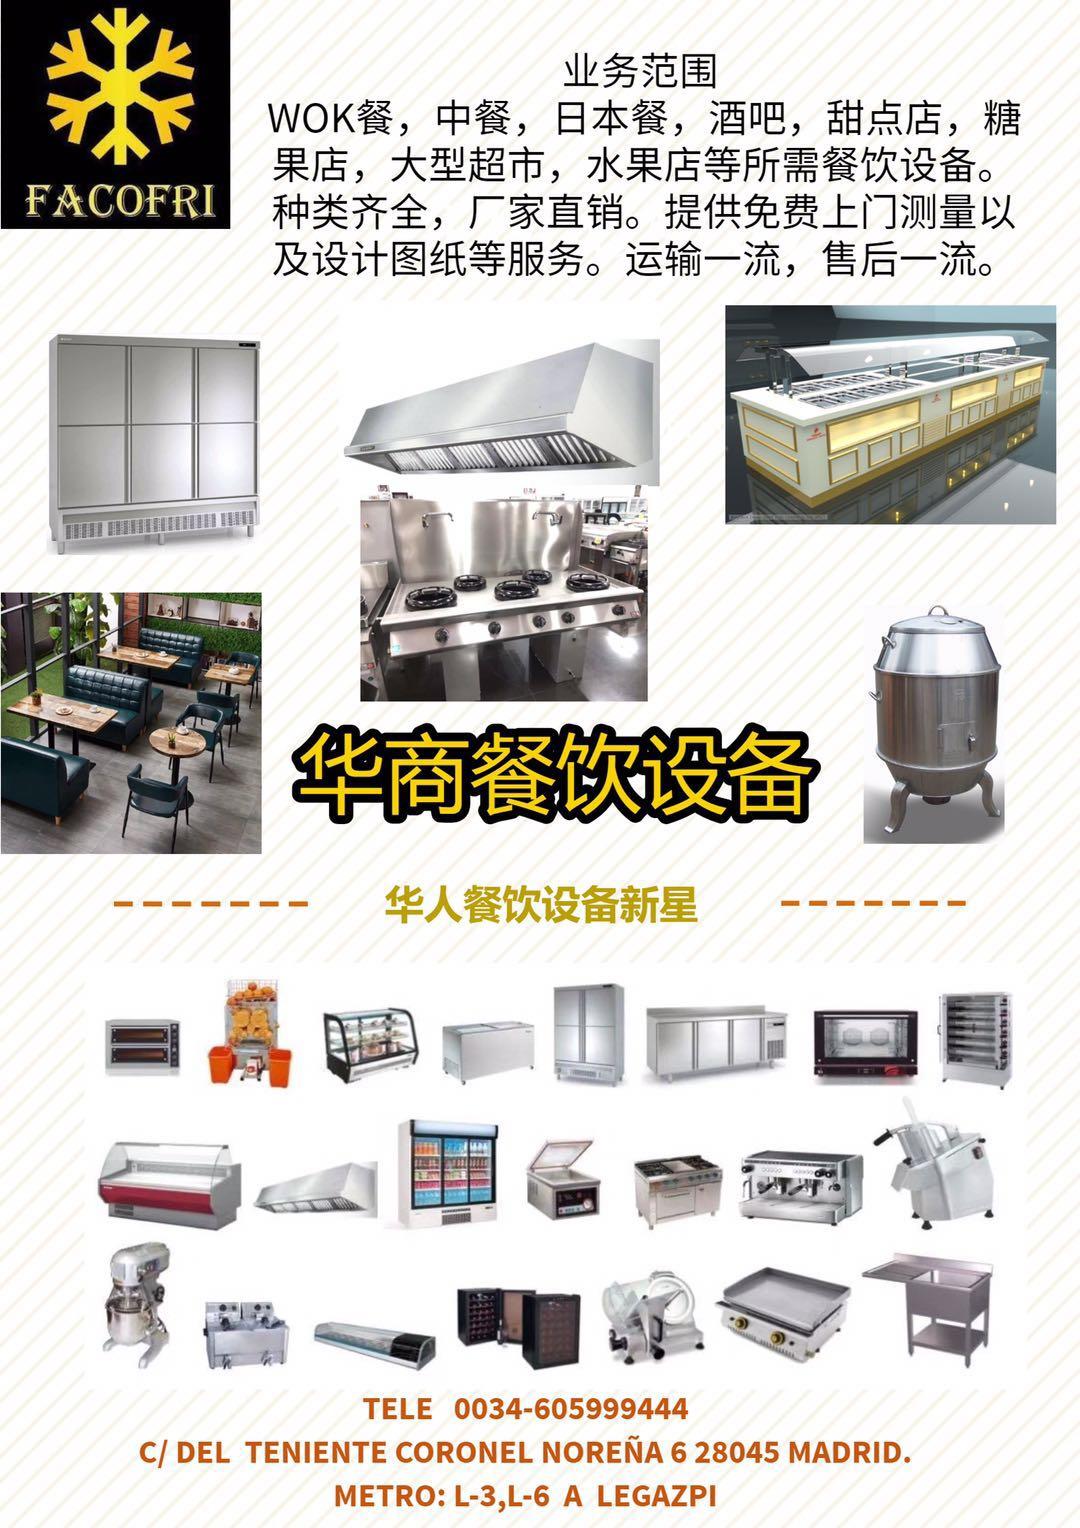 出售中餐馆 寿司店 糖果店 超市 所需炉头 冰箱等系列产品